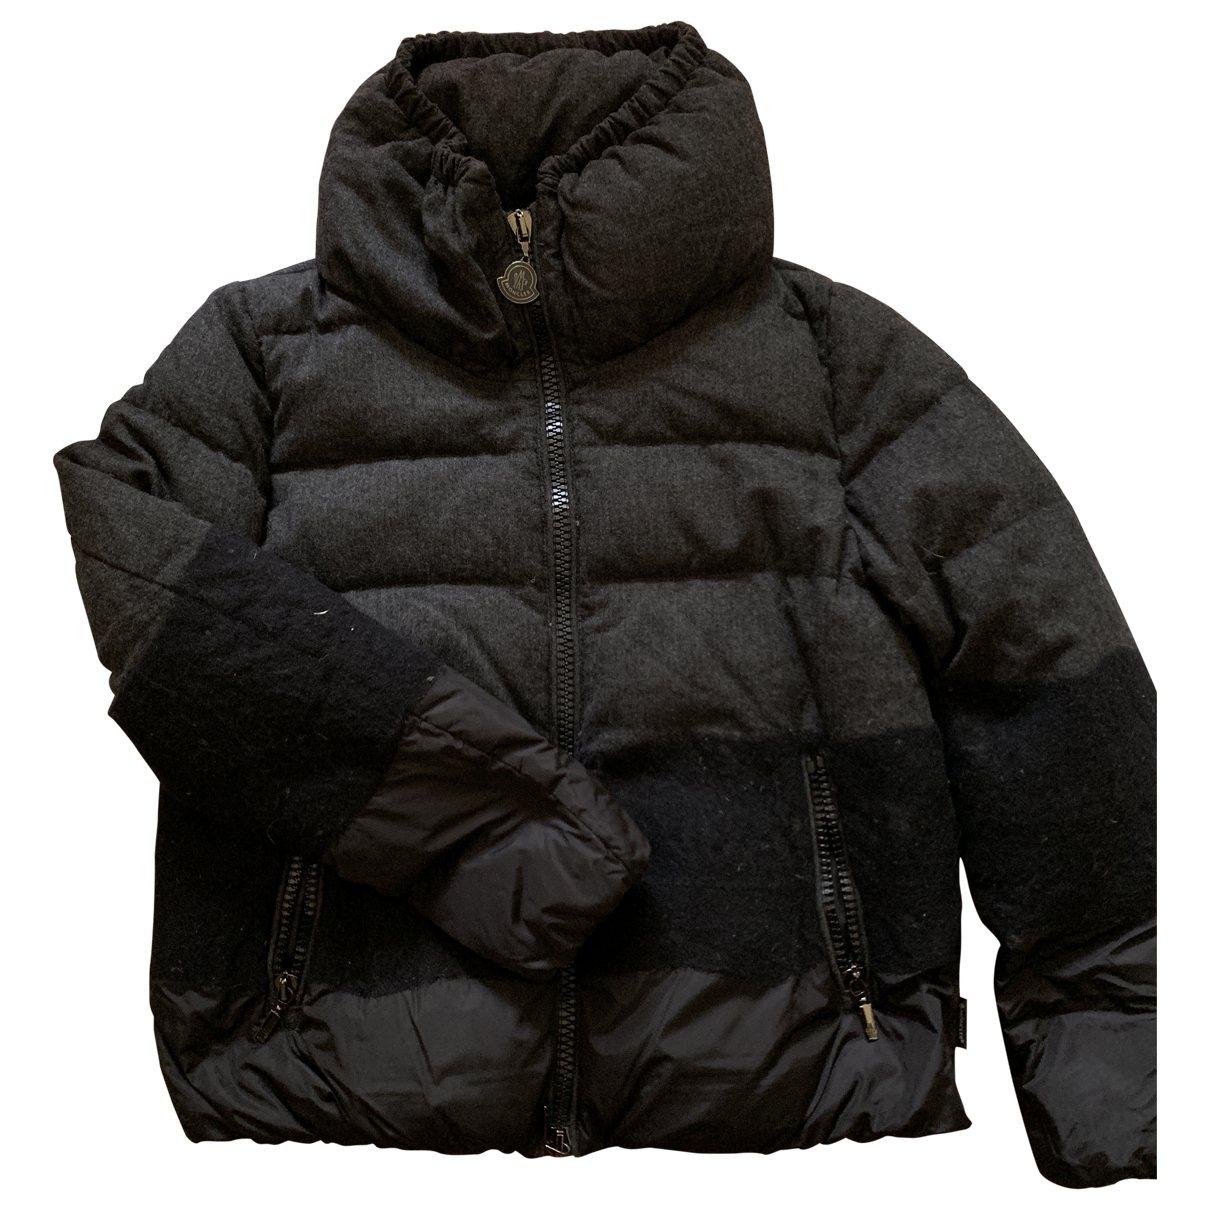 Moncler - Manteau   pour femme en laine - anthracite